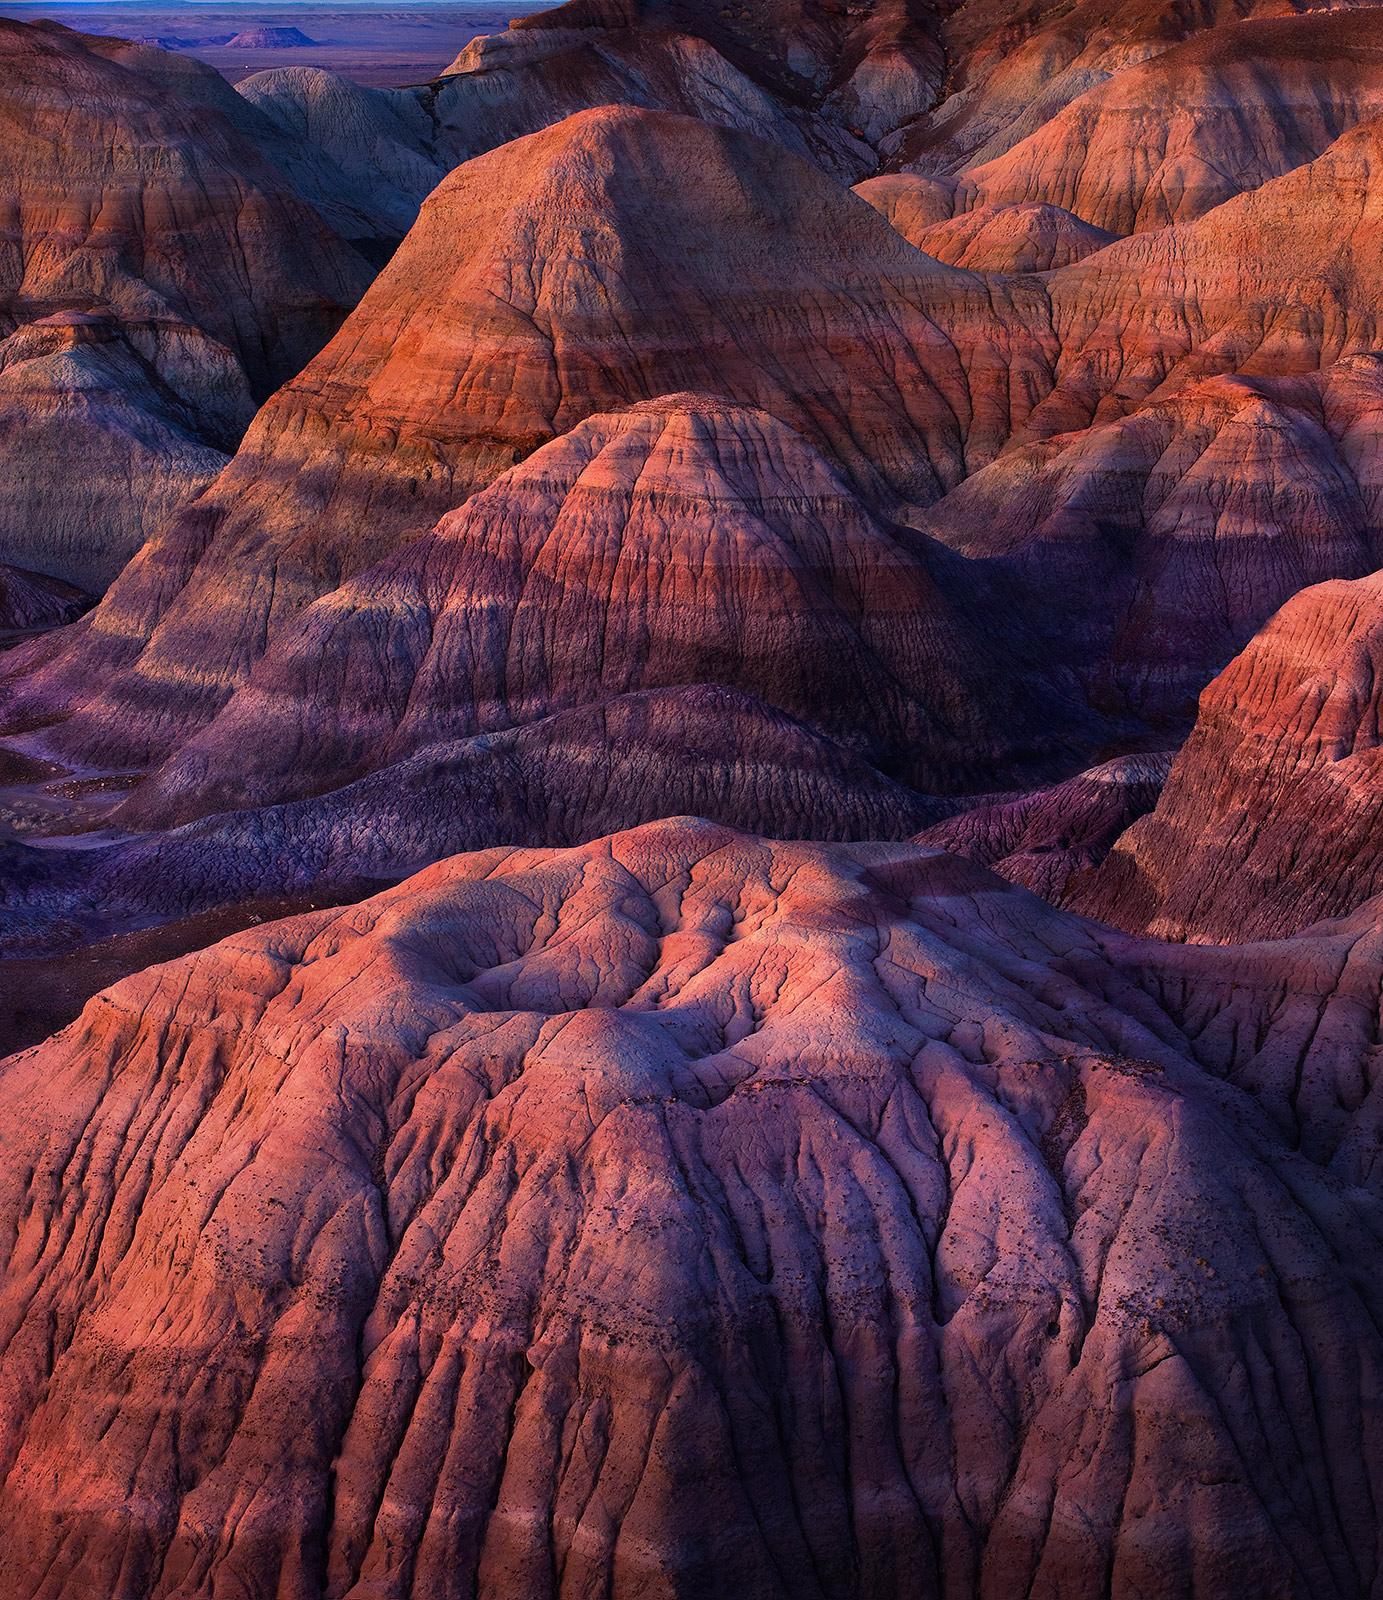 Arizona, Painted Desert, sunset, photo